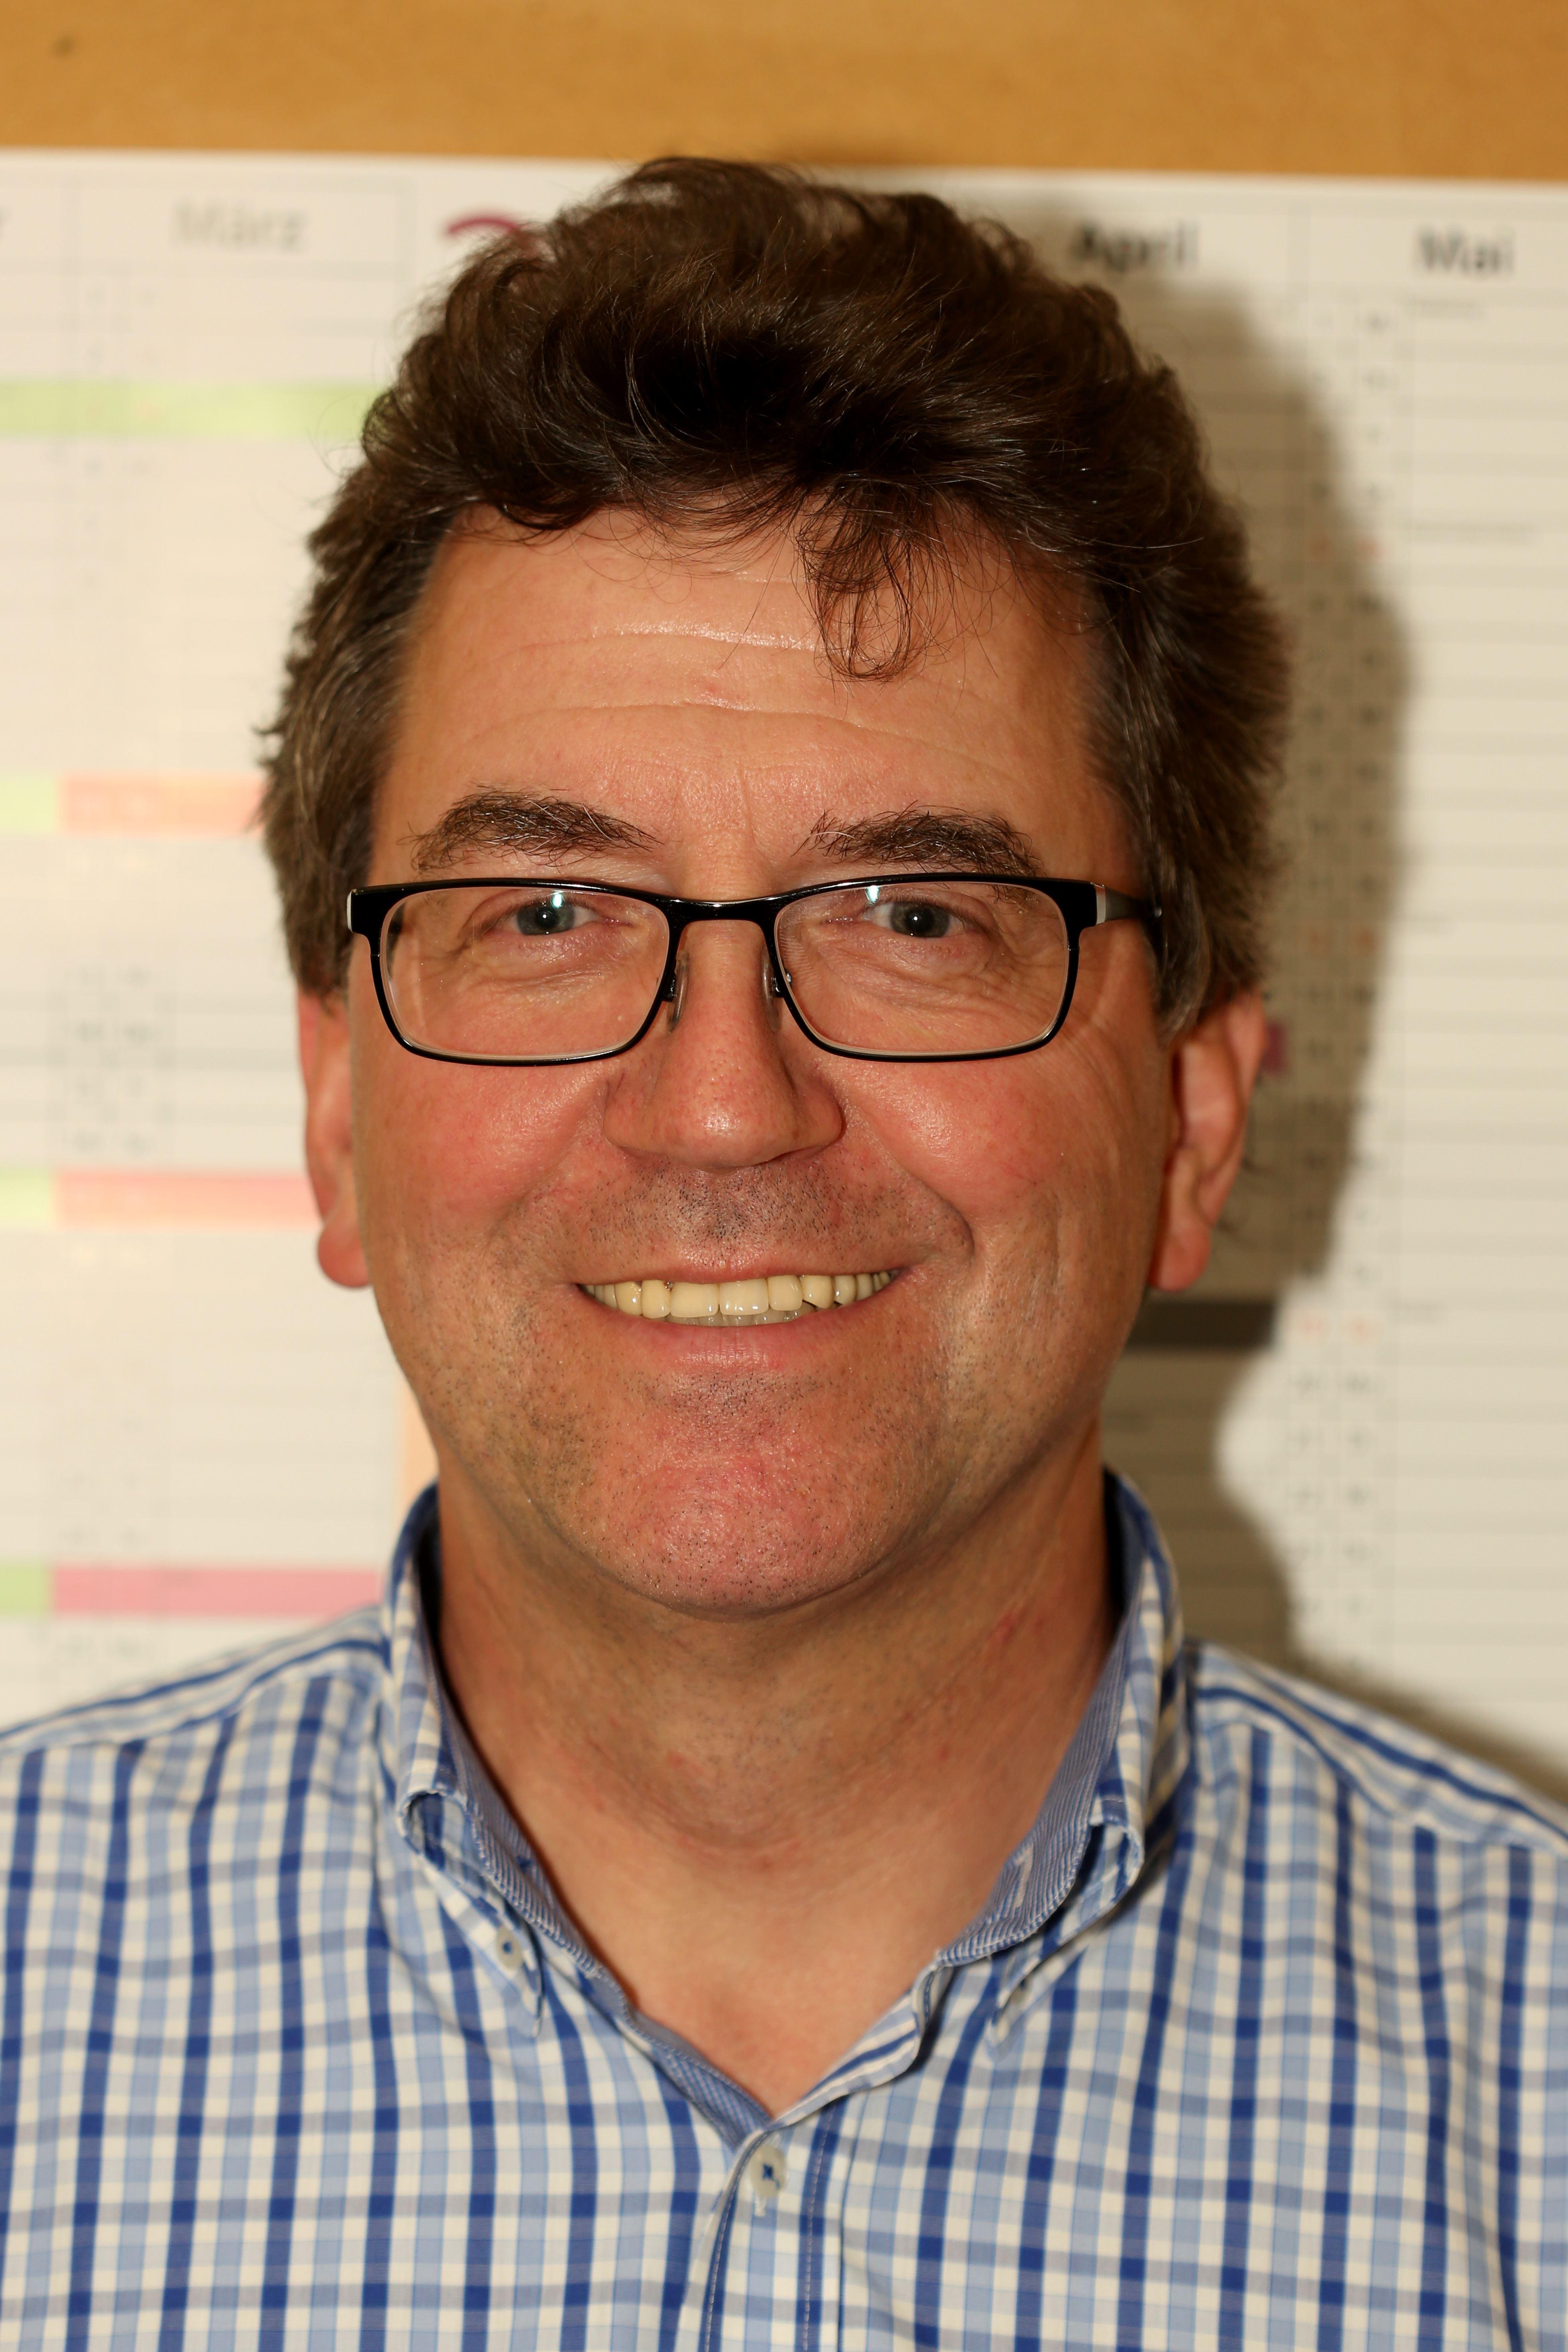 Michael Muhr